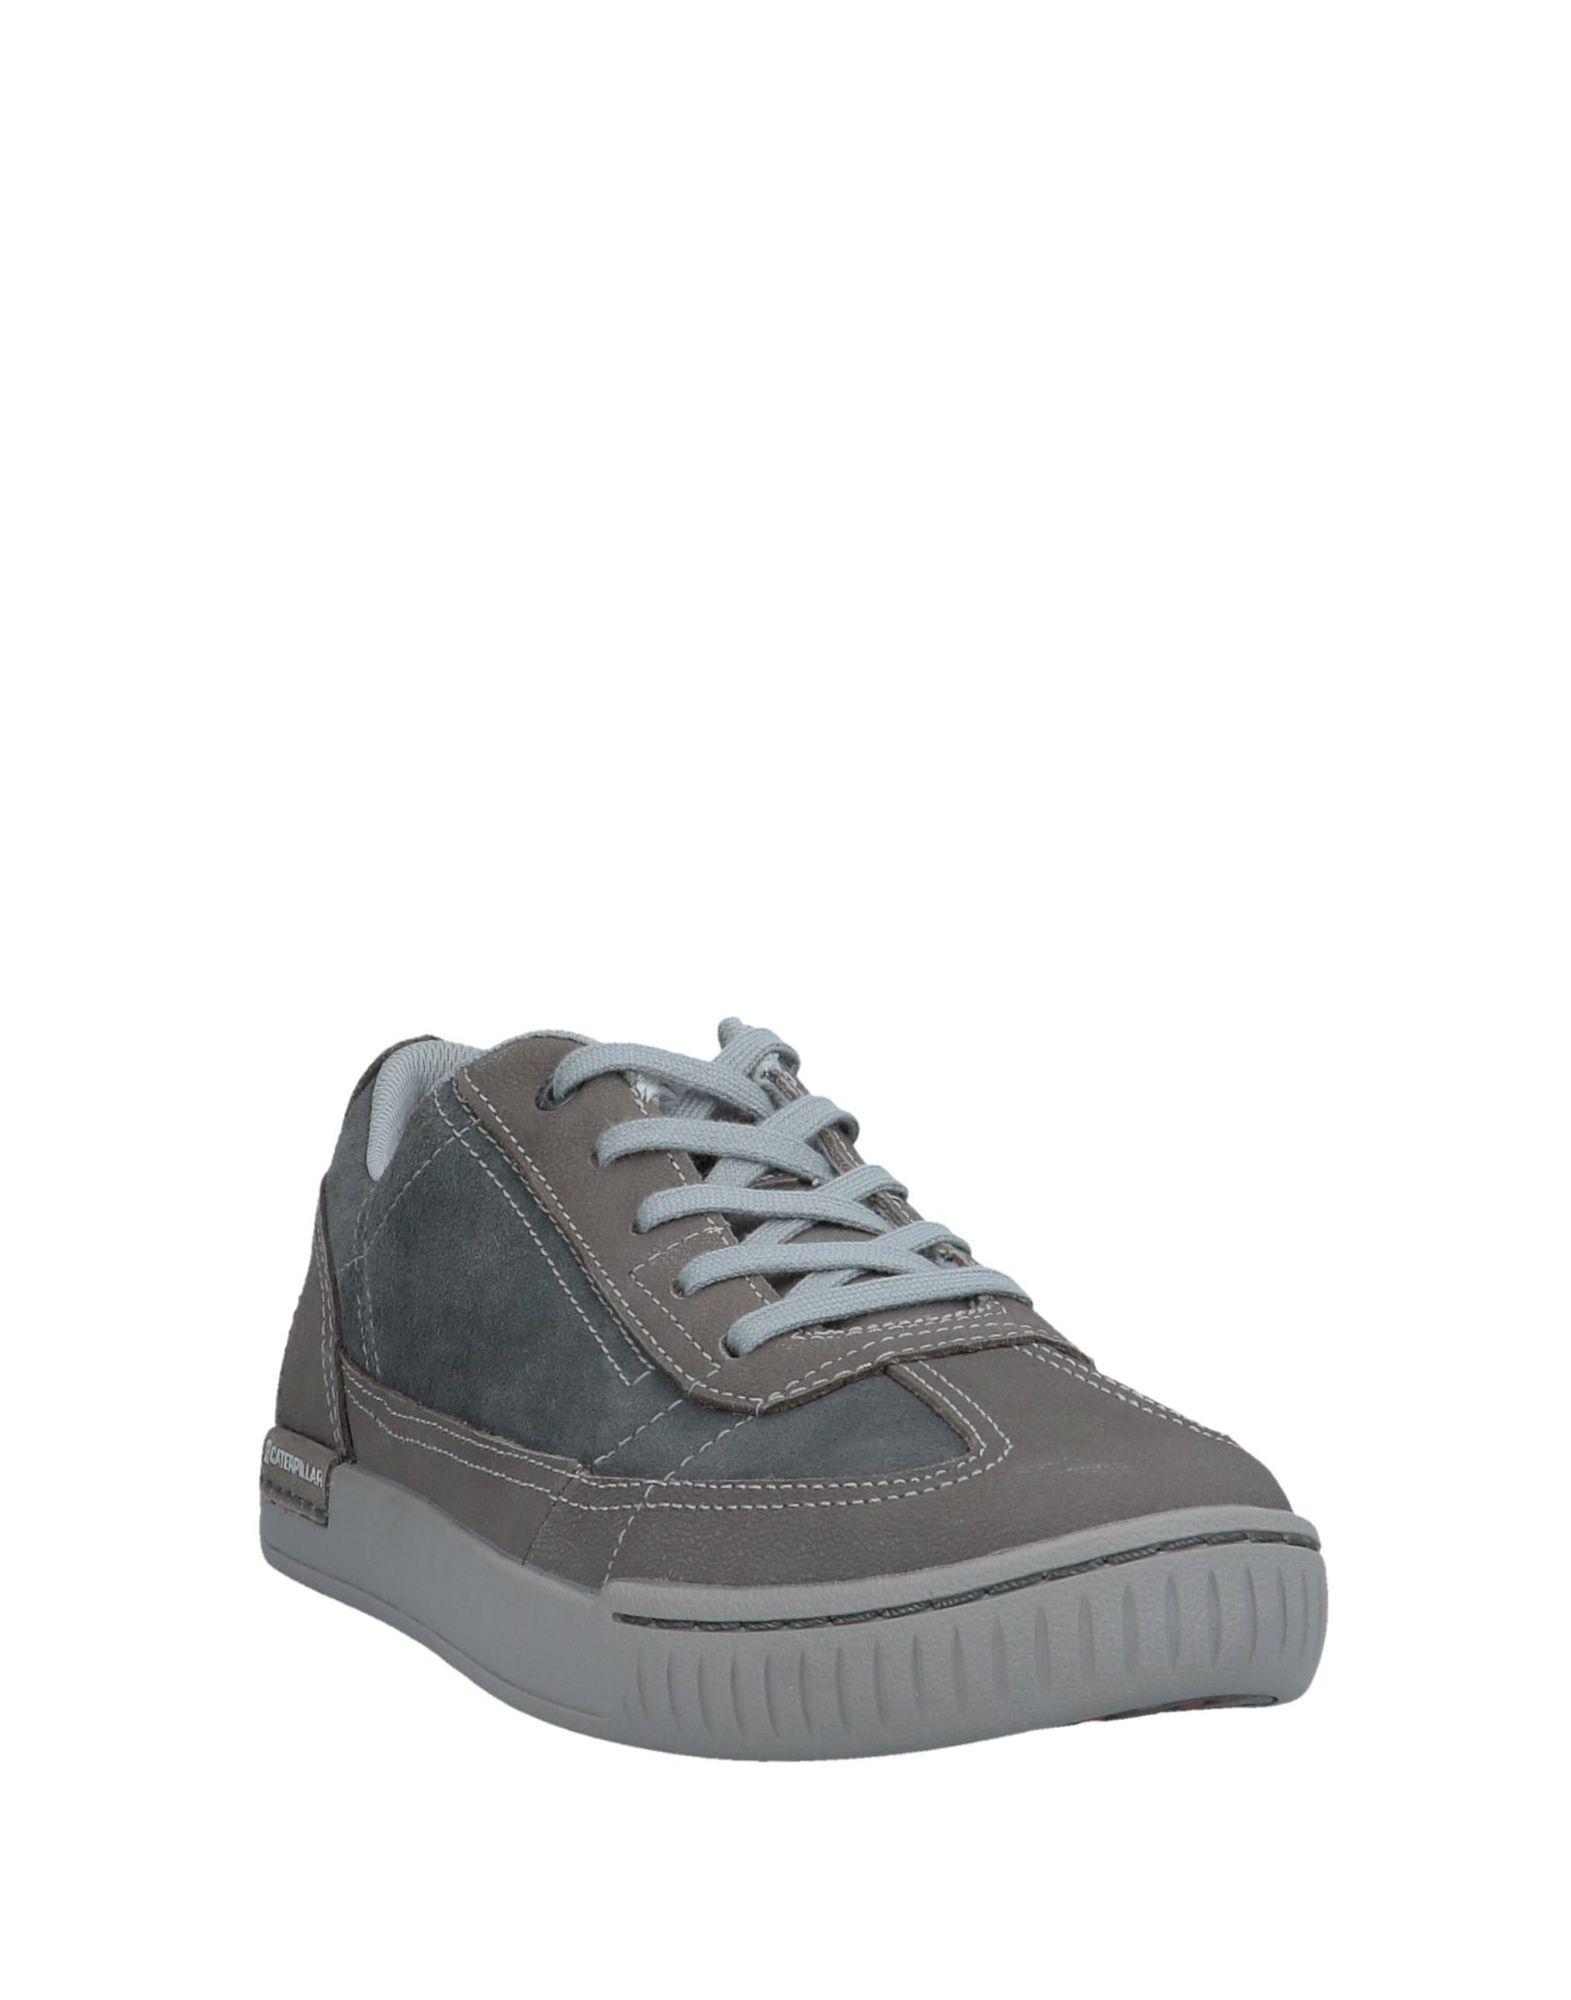 Rabatt Herren echte Schuhe Cat Sneakers Herren Rabatt  11555779RV 1c2d58